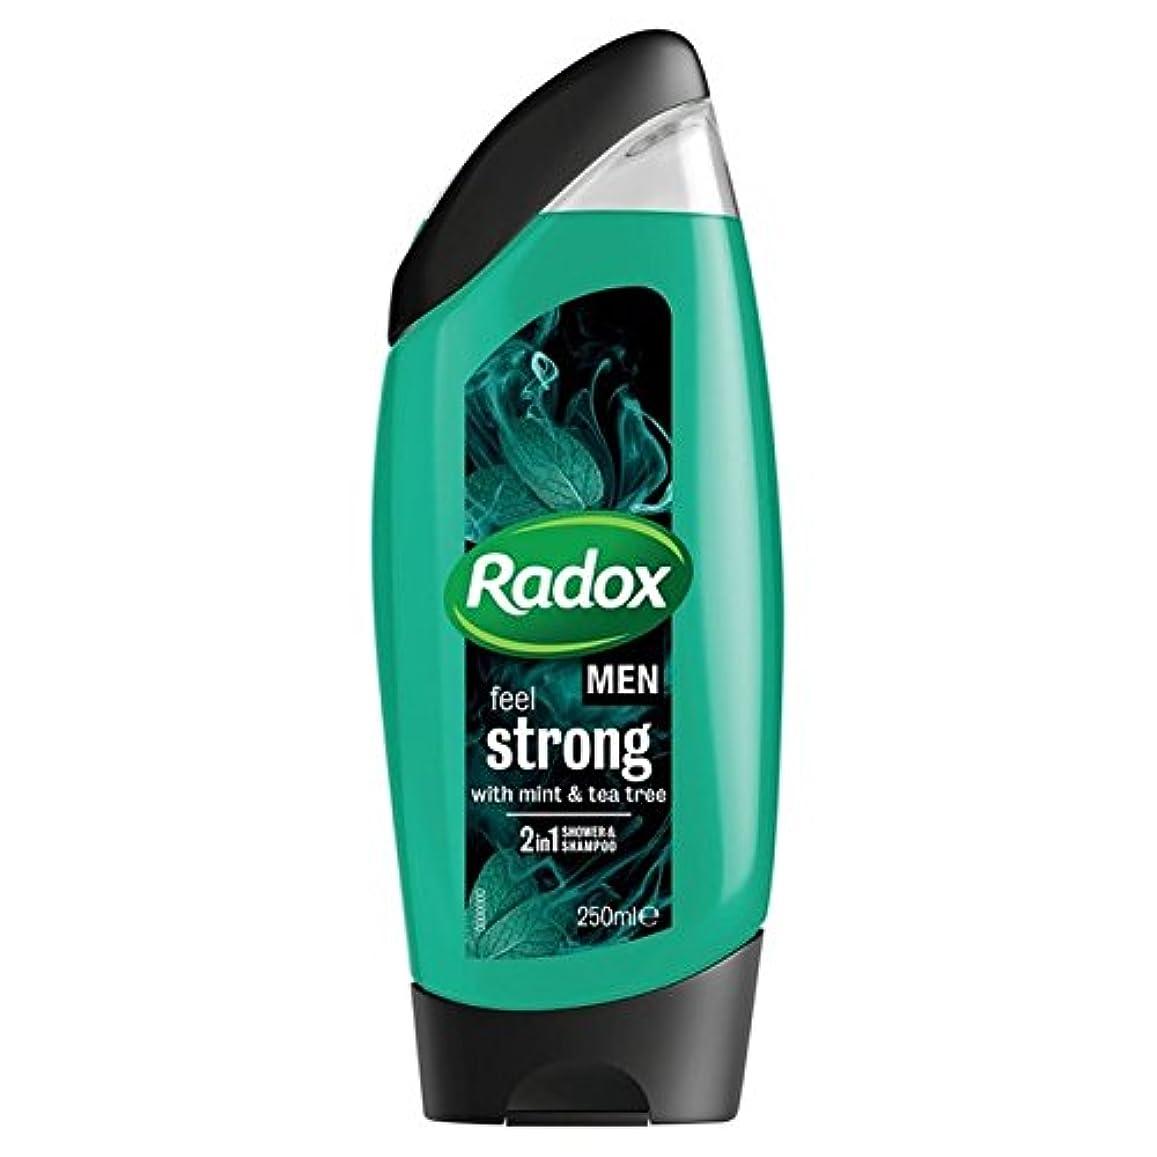 マザーランド土流出男性は、強力なミント&ティーツリーの21のシャワージェル250ミリリットルを感じます x2 - Radox Men Feel Strong Mint & Tea Tree 2in1 Shower Gel 250ml (Pack...